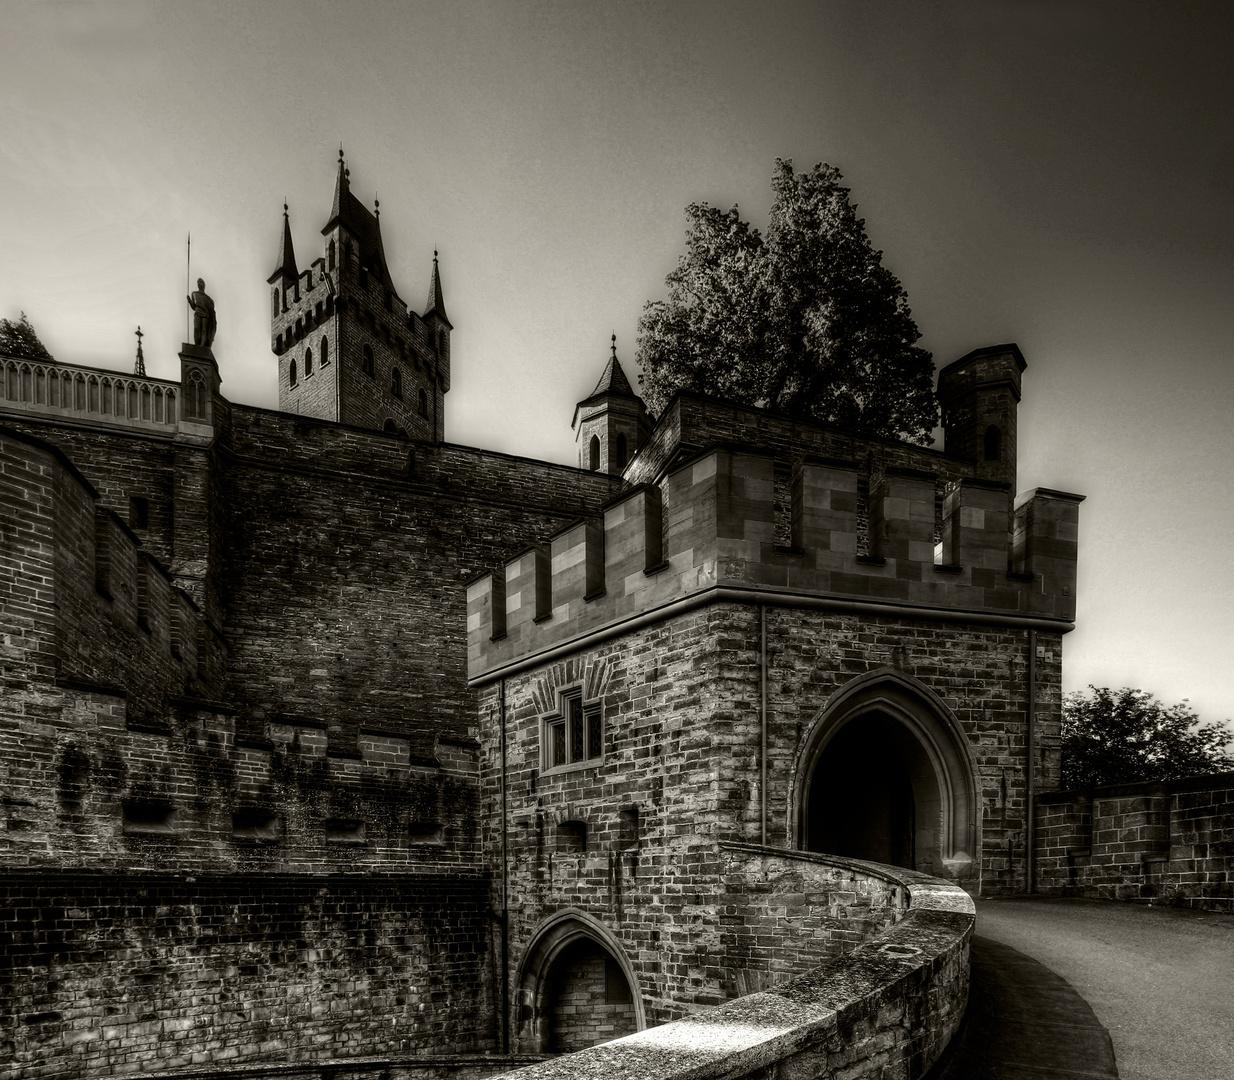 Der Weg in die Festung